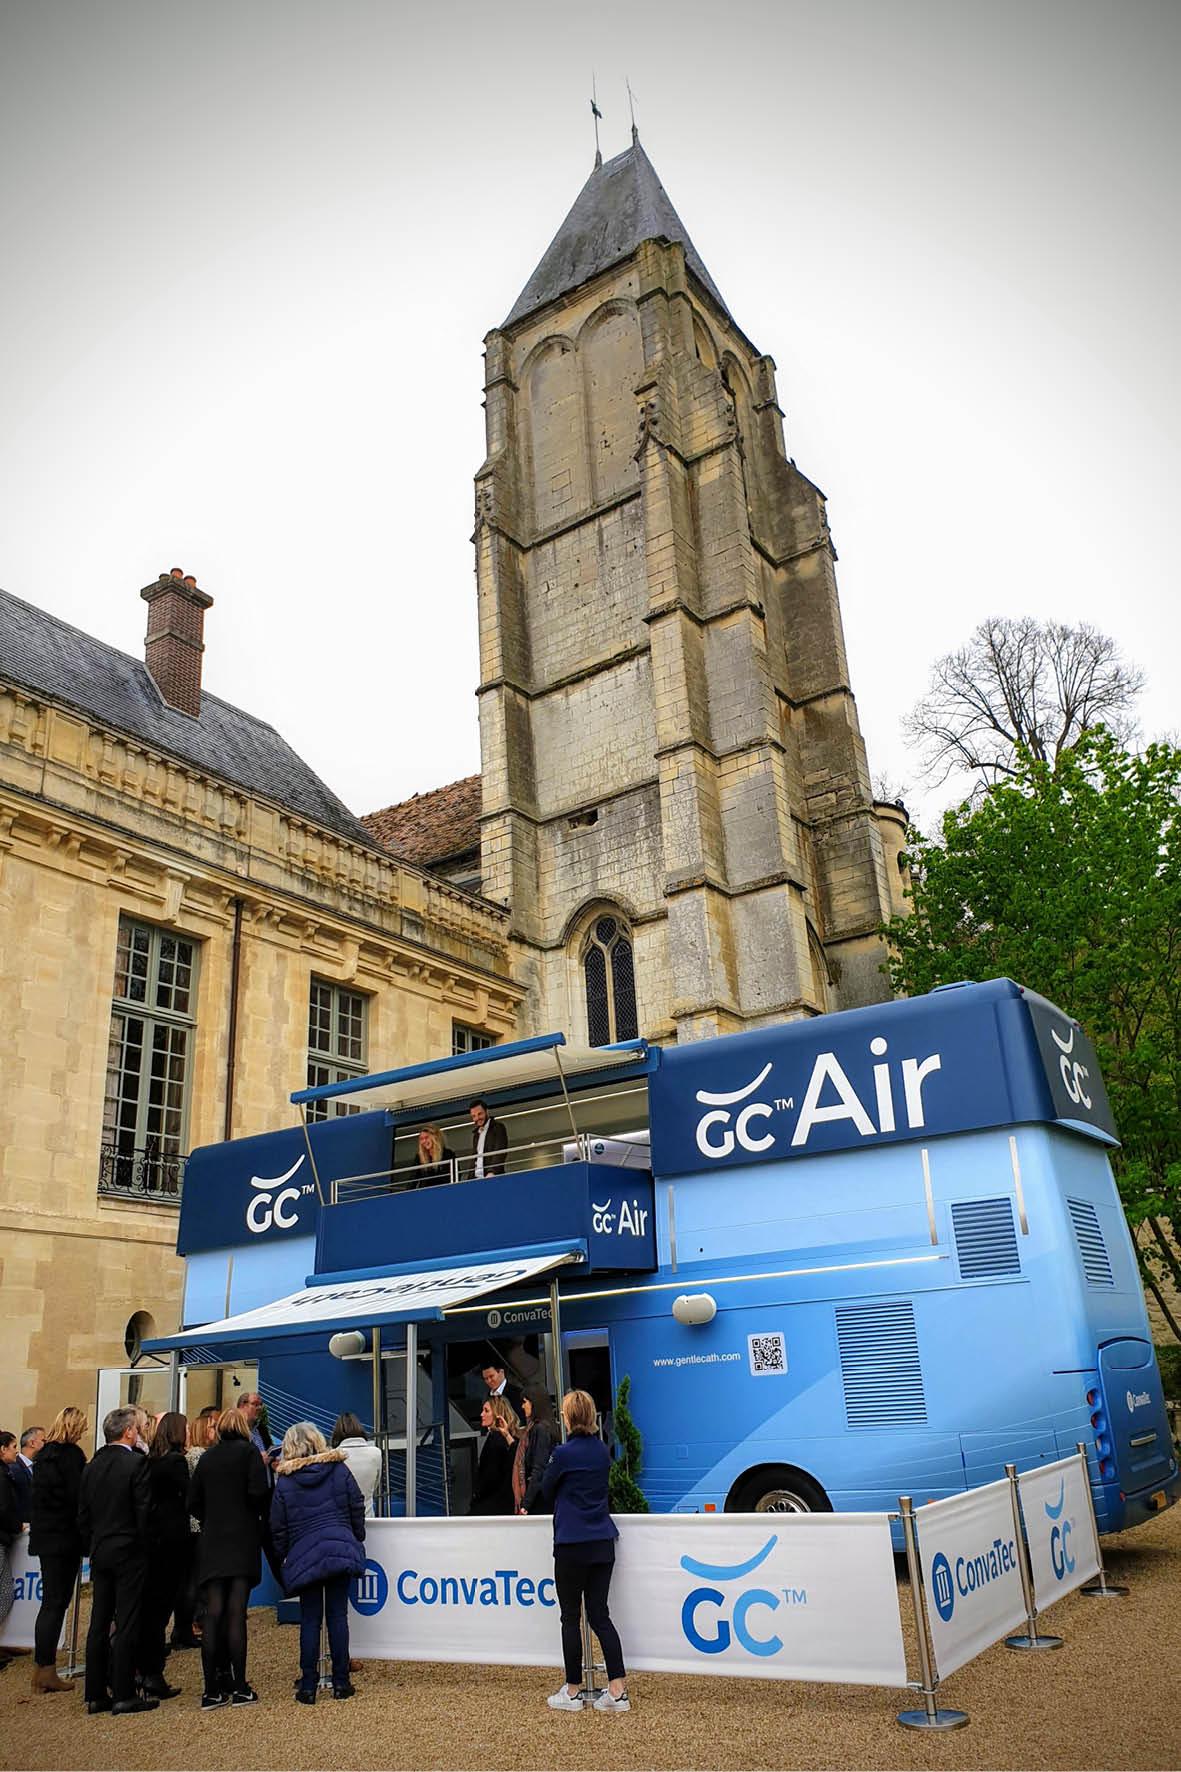 bus_business_2019p_gc_air_2.jpg